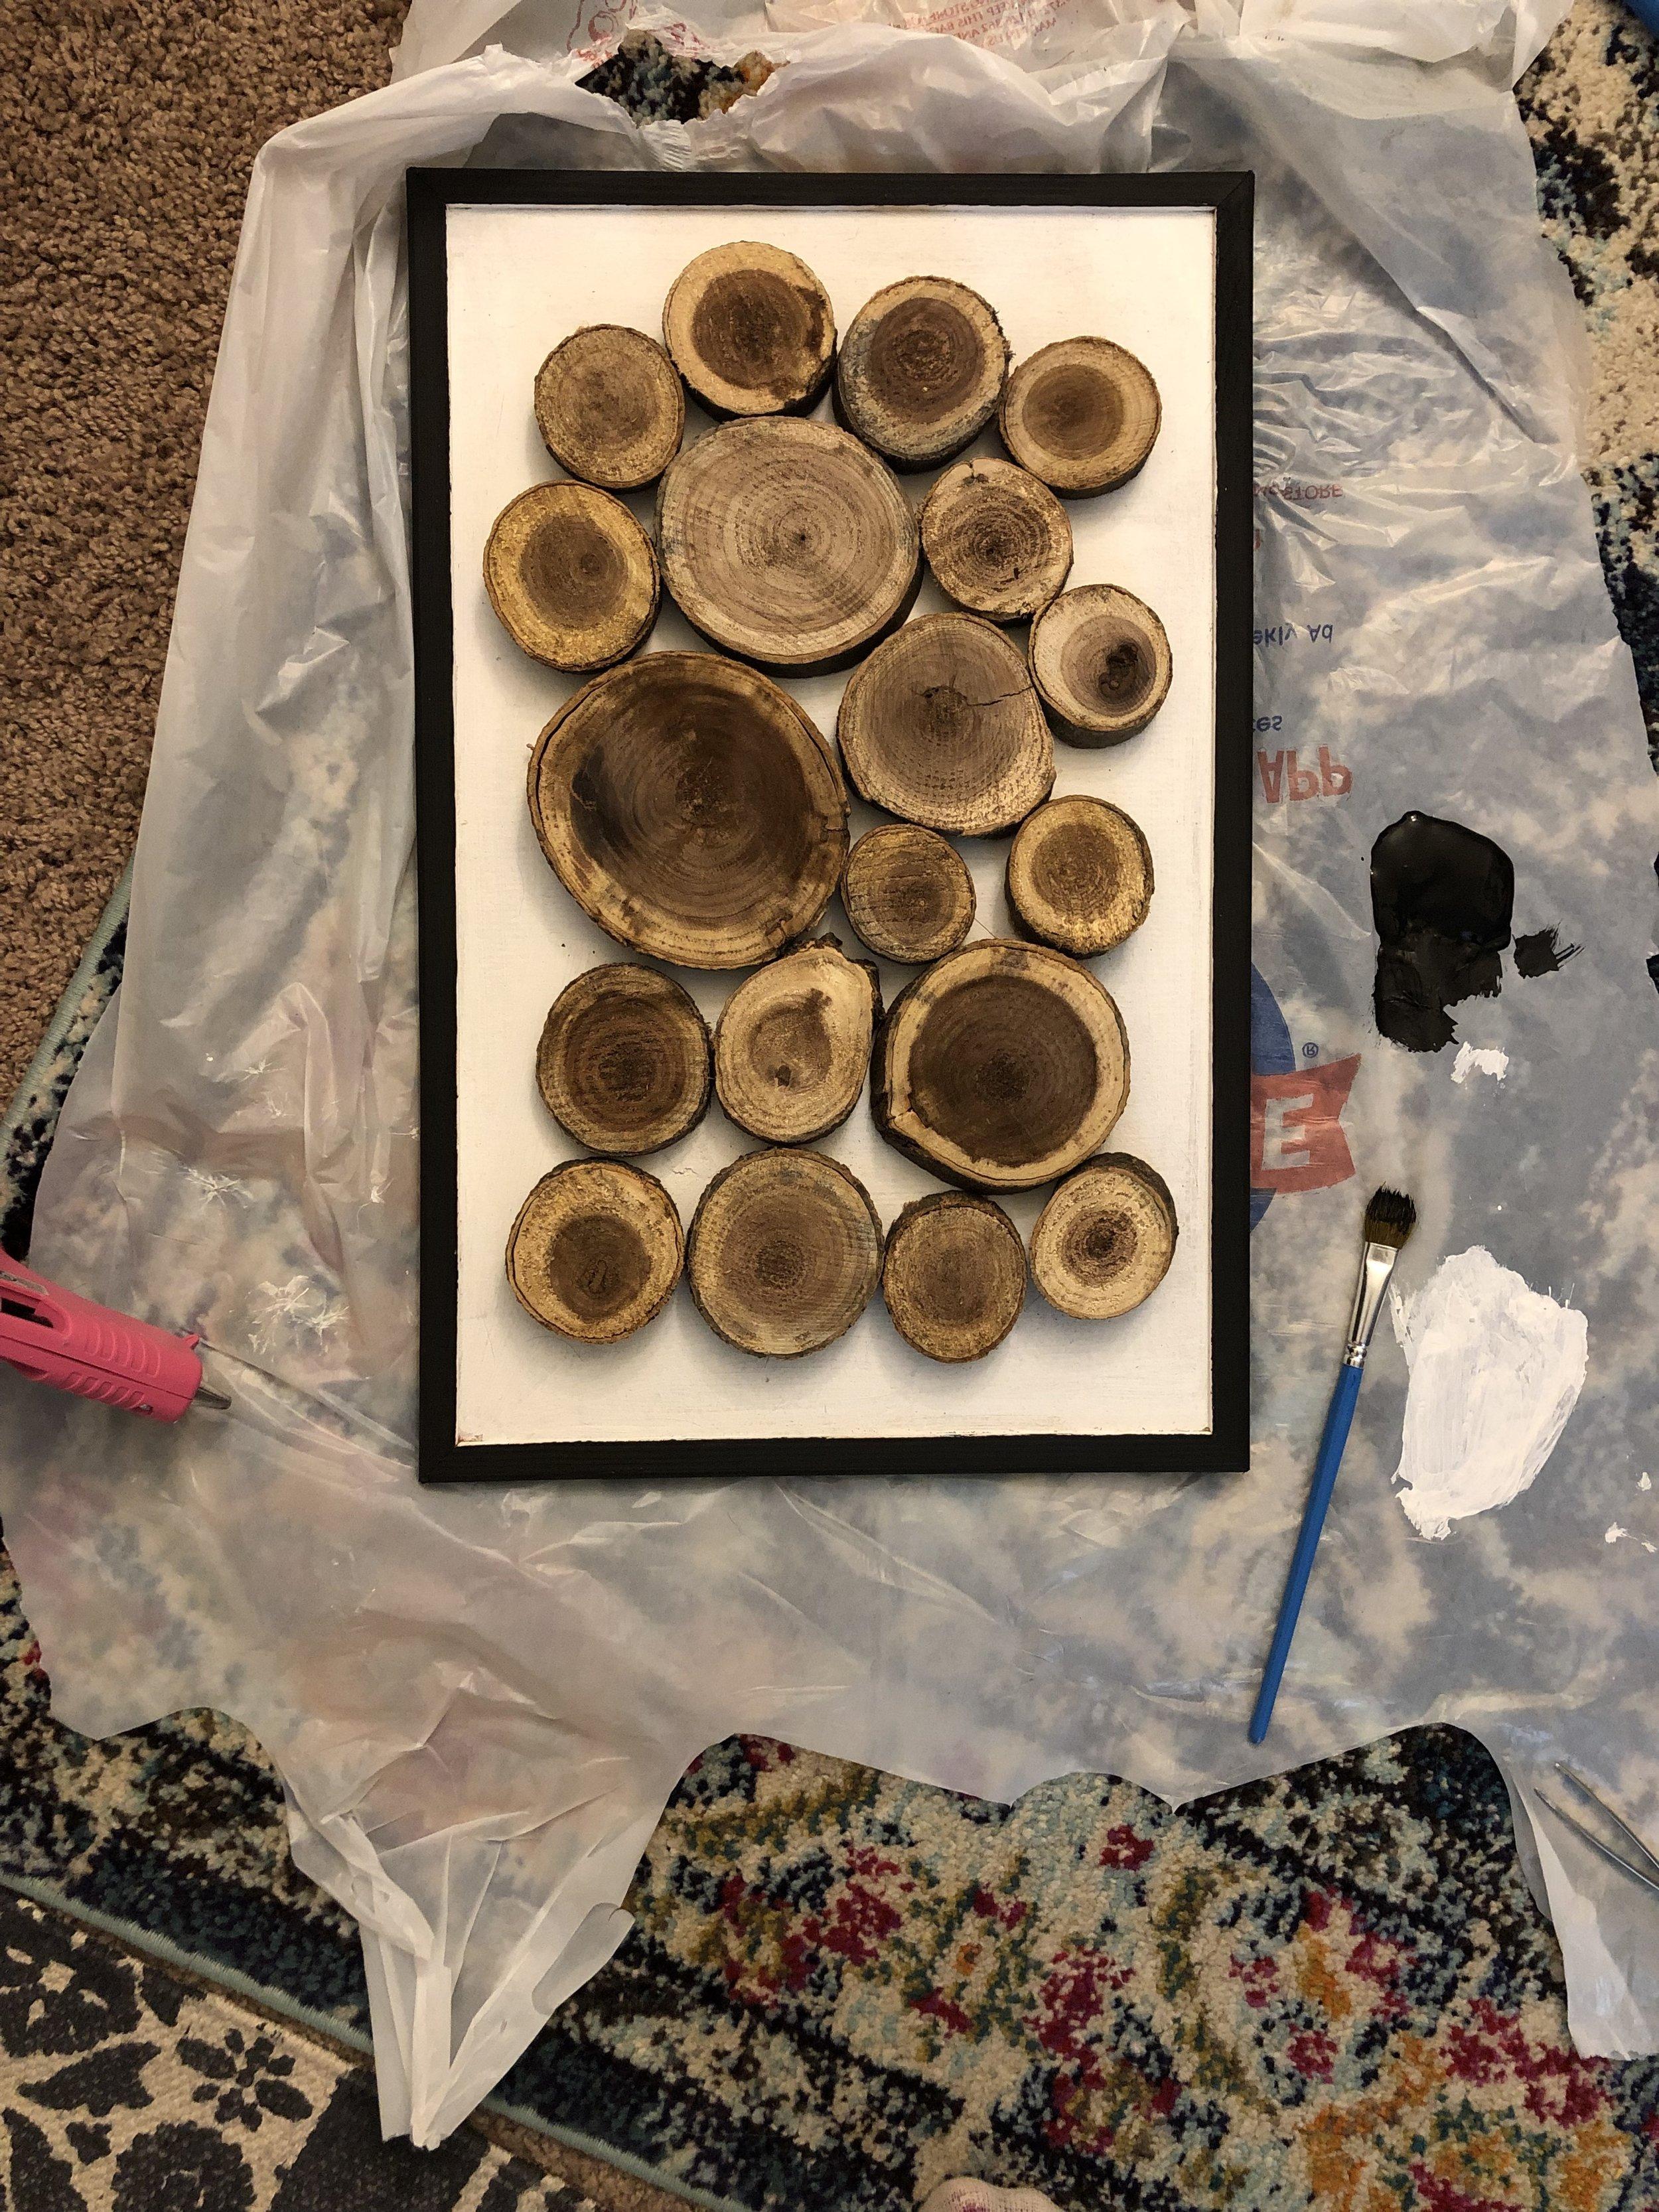 Wood-Disc-DIY-Project-Wall-Art-Decor-Hobby-Lobby-3